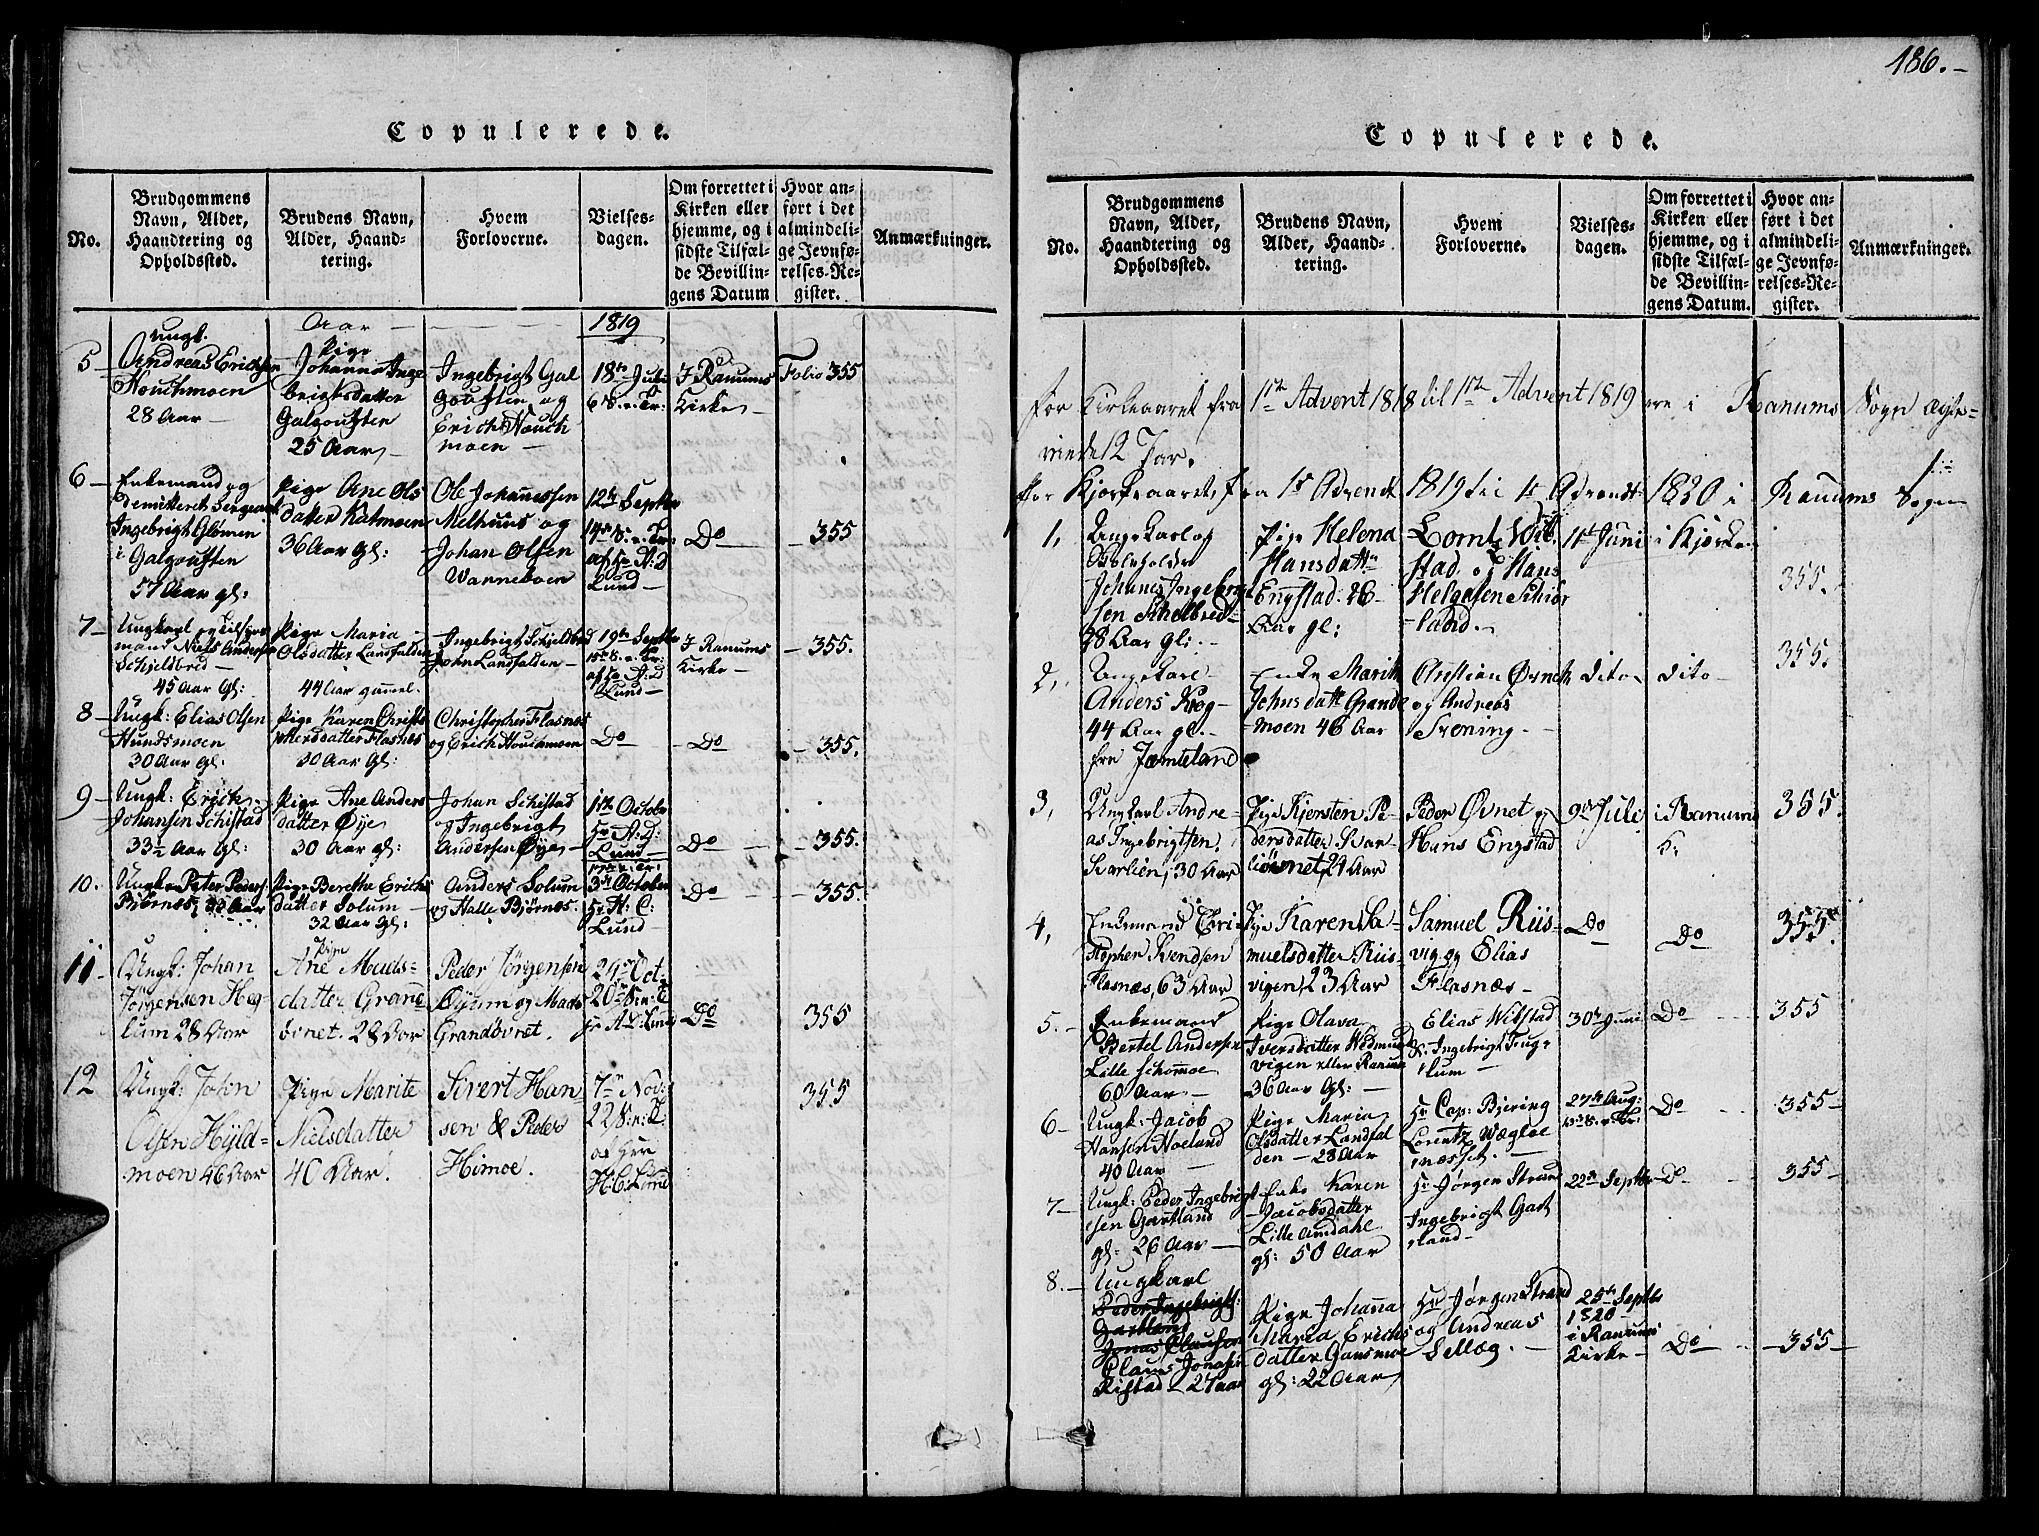 SAT, Ministerialprotokoller, klokkerbøker og fødselsregistre - Nord-Trøndelag, 764/L0559: Klokkerbok nr. 764C01, 1816-1824, s. 186